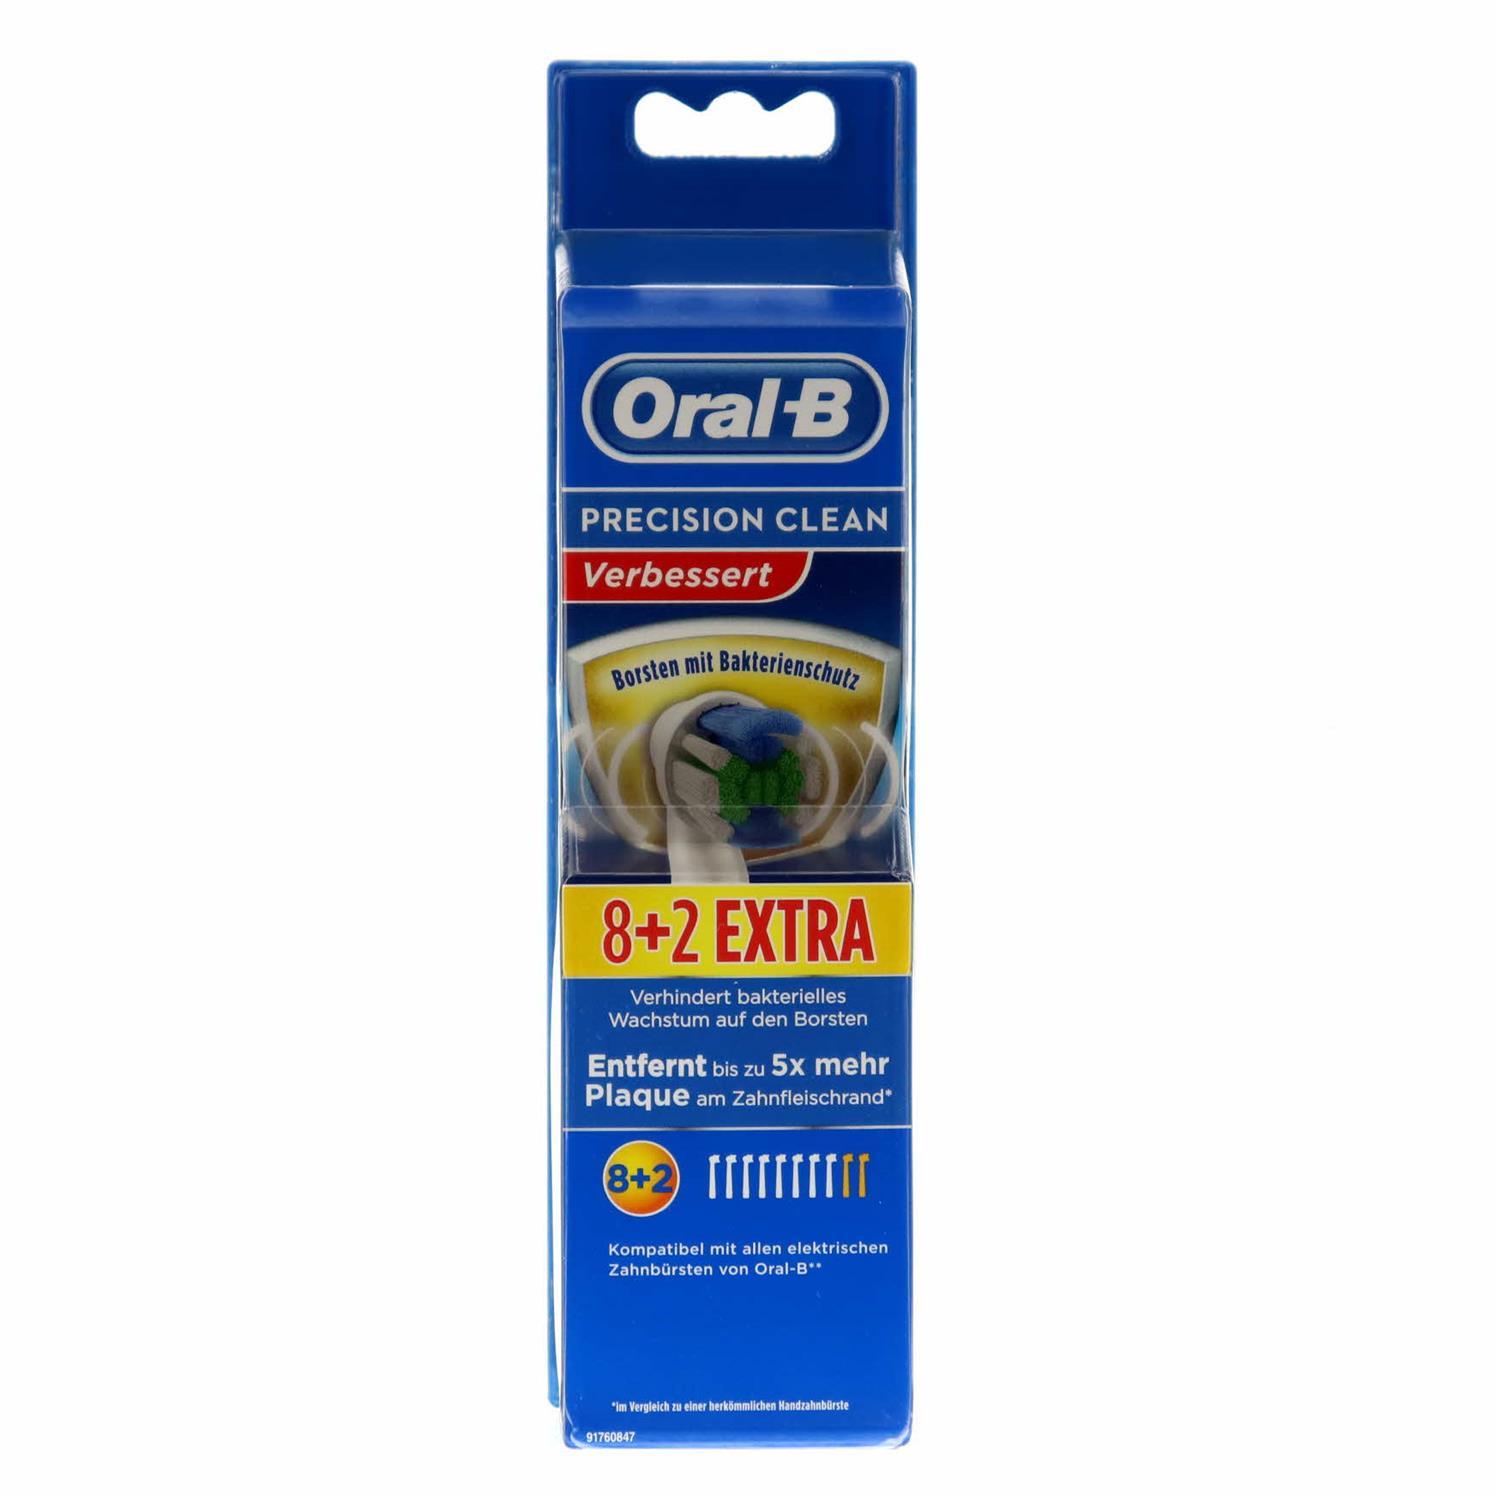 Fabriksnye Braun Oral-B Precision Clean - Grænsehandel til billige priser XT-71